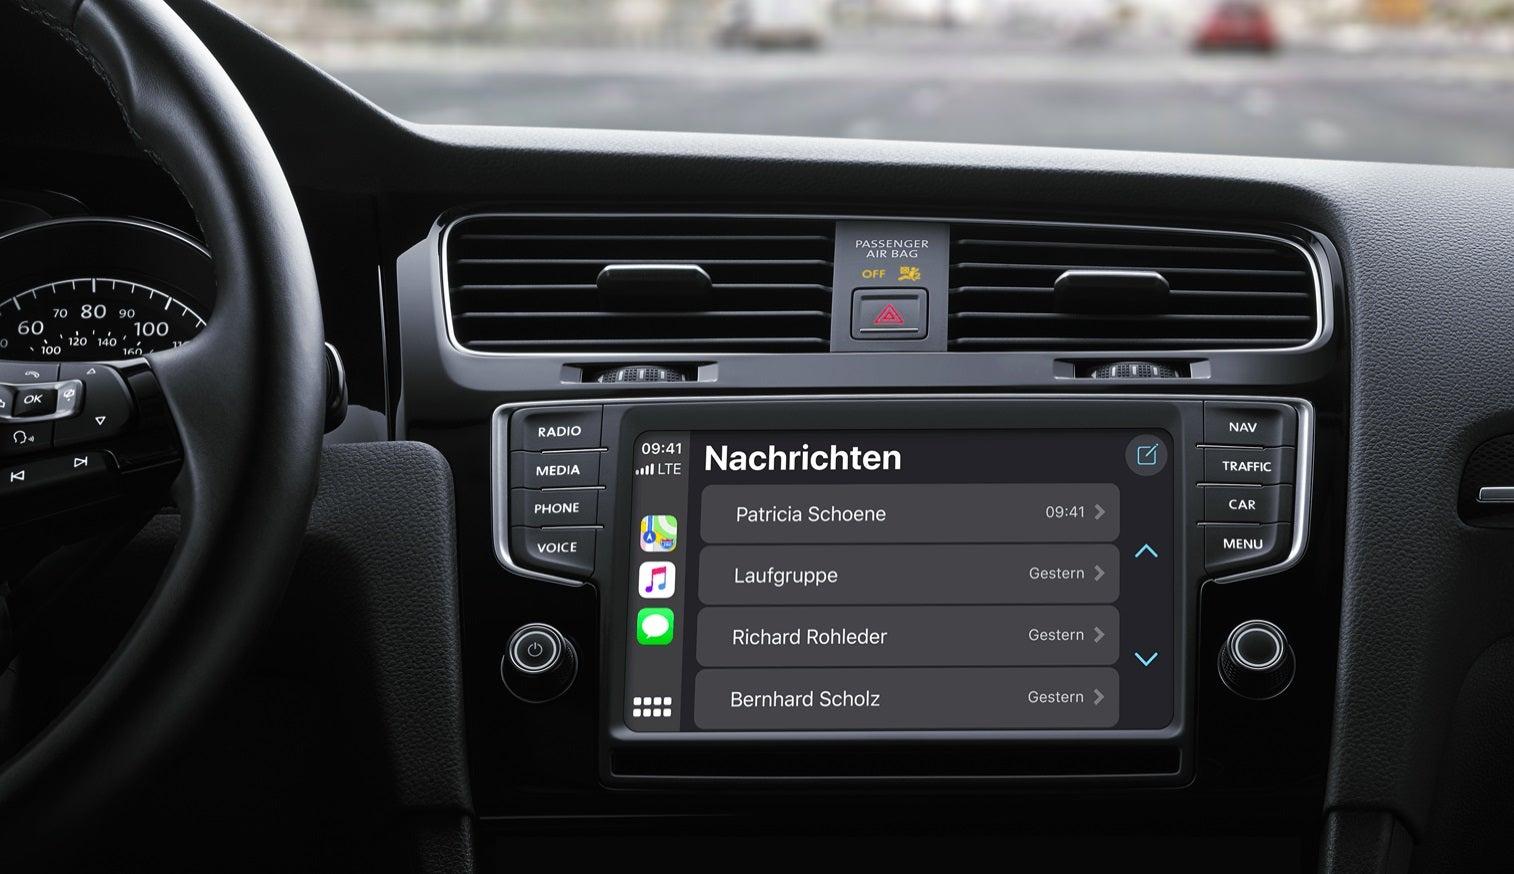 Apple Carplay: So wird das iPhone ein Teil des Autos